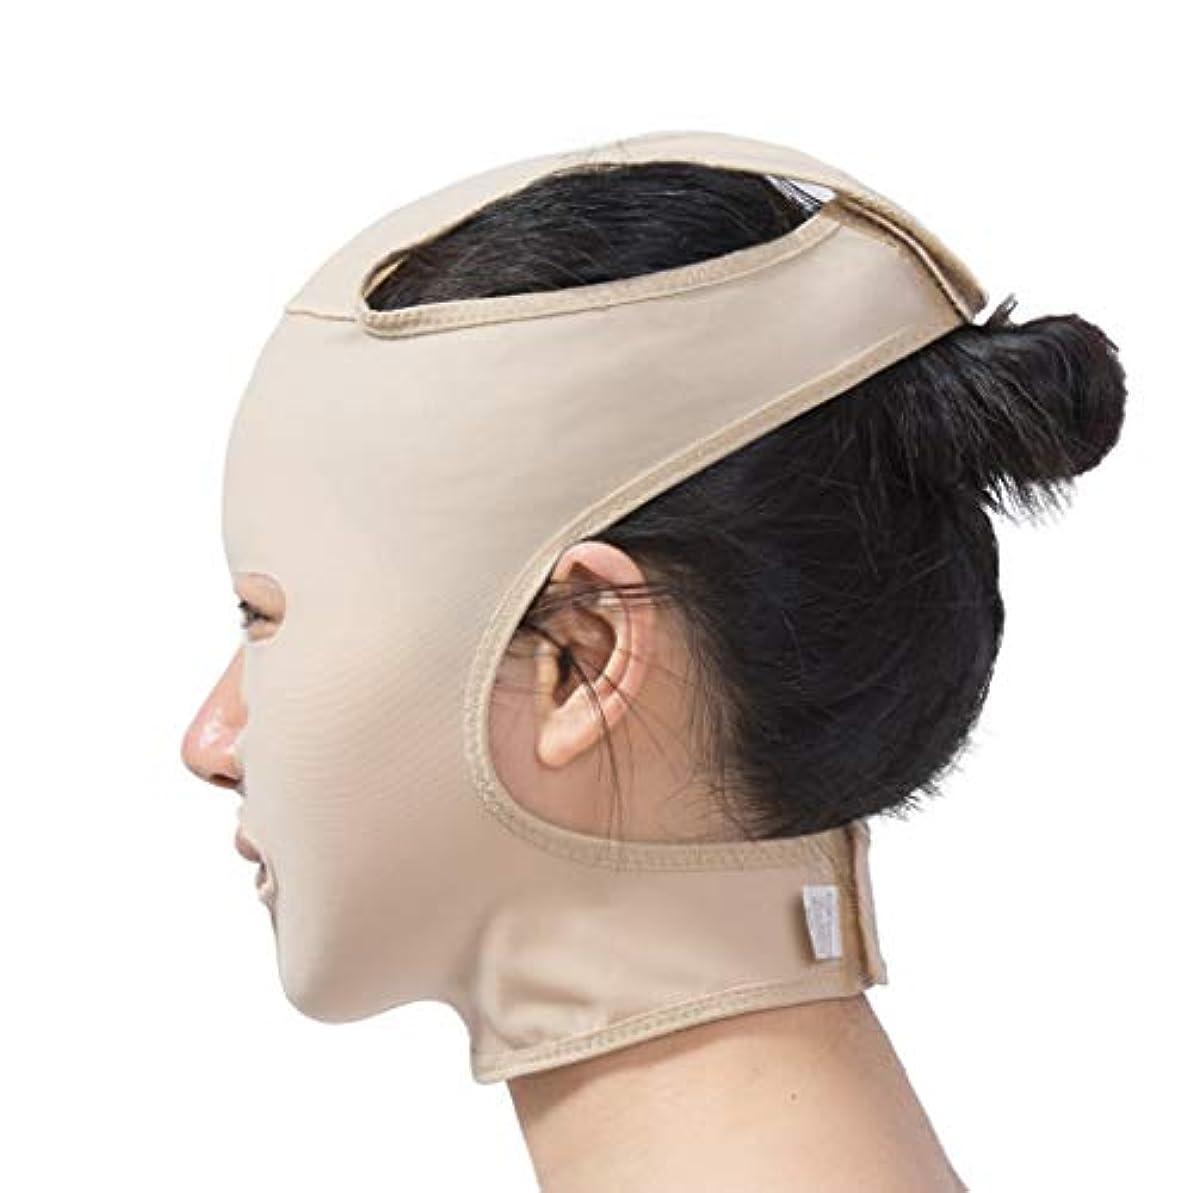 立場等急流XHLMRMJ フェイスリフトマスク、フルフェイスマスク医療グレード圧力フェイスダブルチンプラスチック脂肪吸引術弾性包帯ヘッドギア後の顔の脂肪吸引術 (Size : XL)